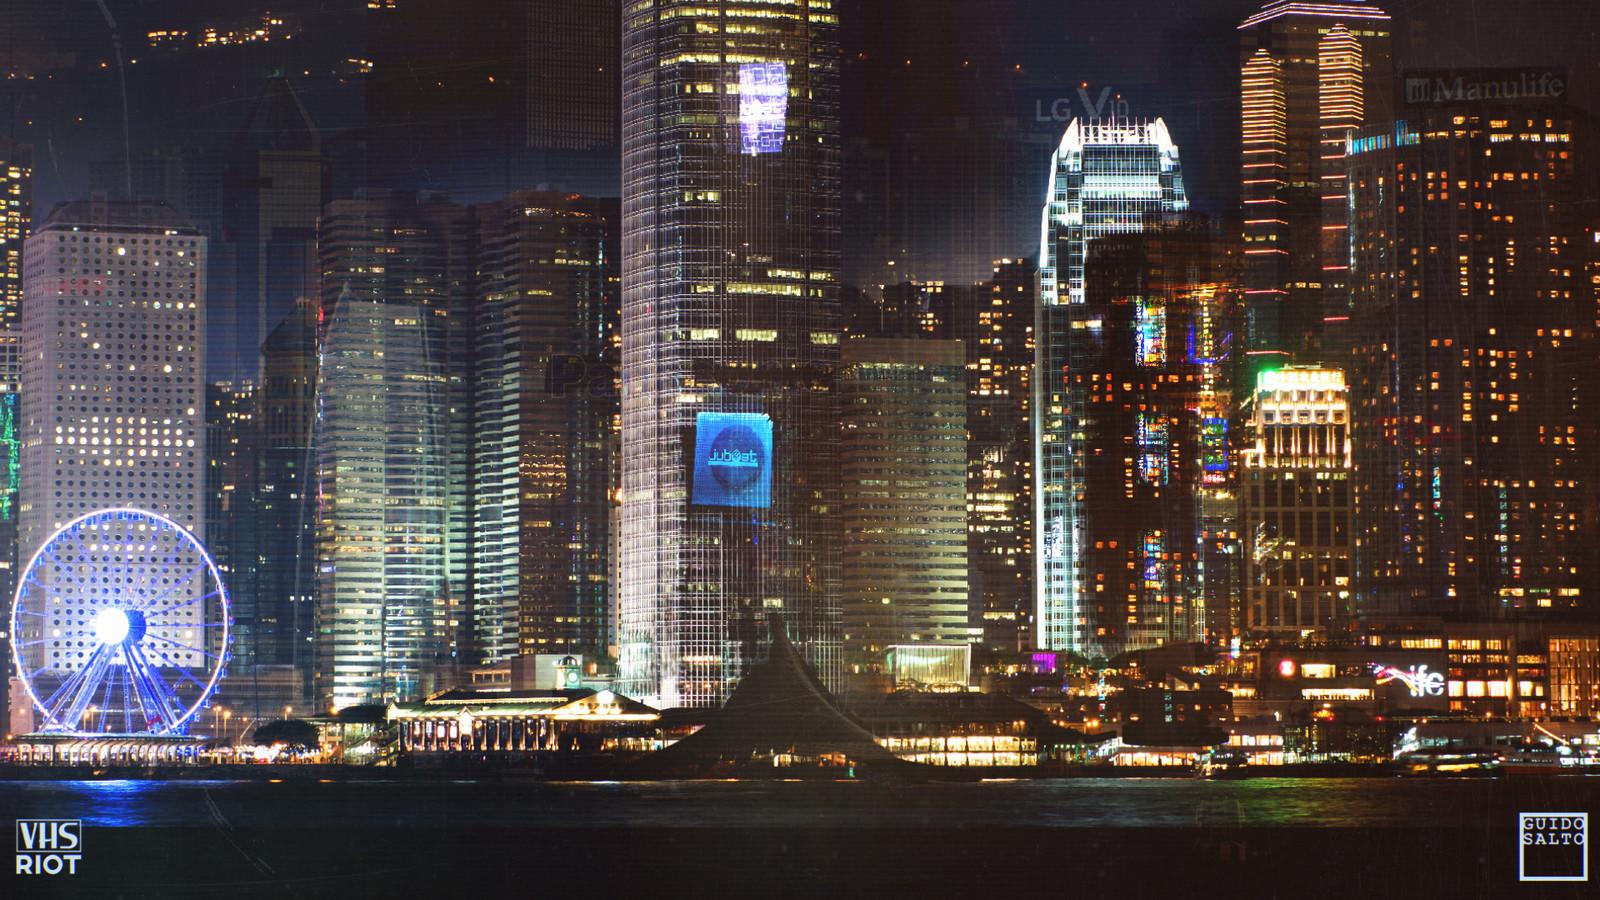 Quick Photobash of a Hong Kong Skyline at night